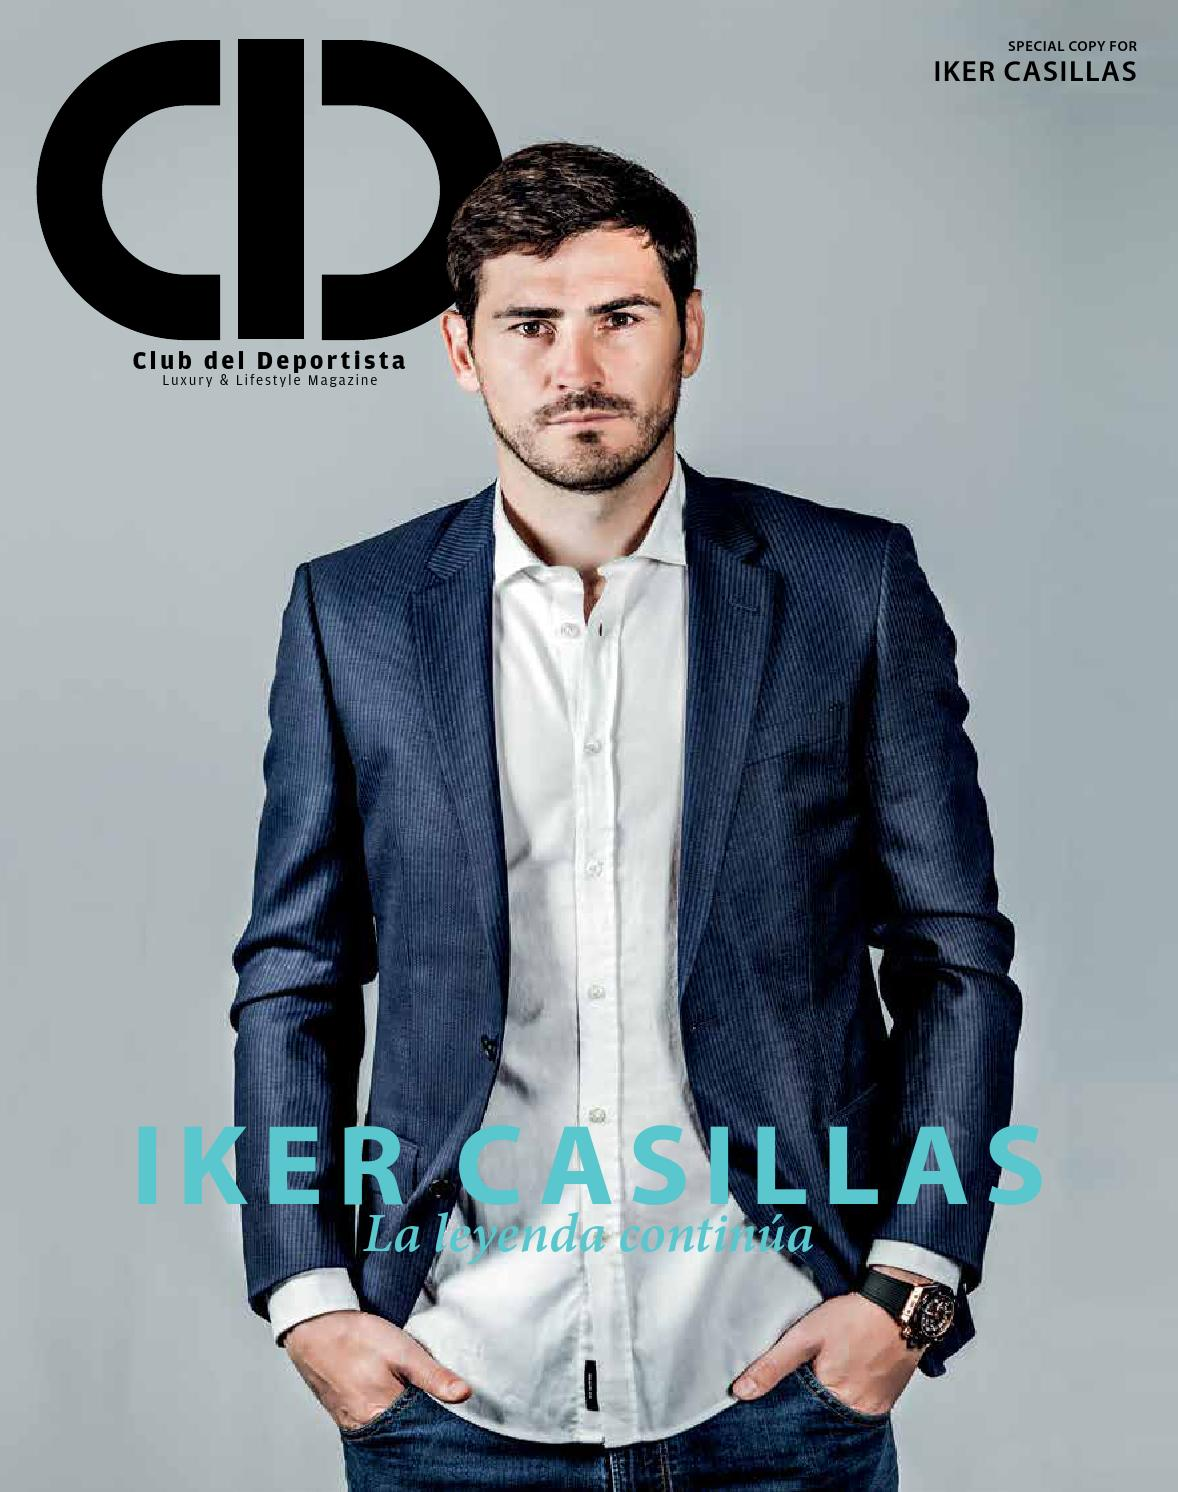 Iker Casillas by Club del Deportista - issuu c5a89aefea8b